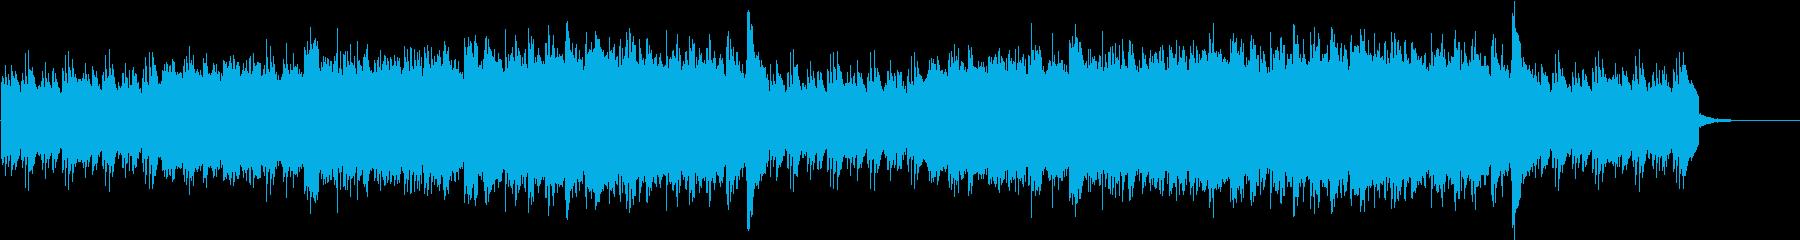 最初の村、ファンタジー、ゲームの再生済みの波形